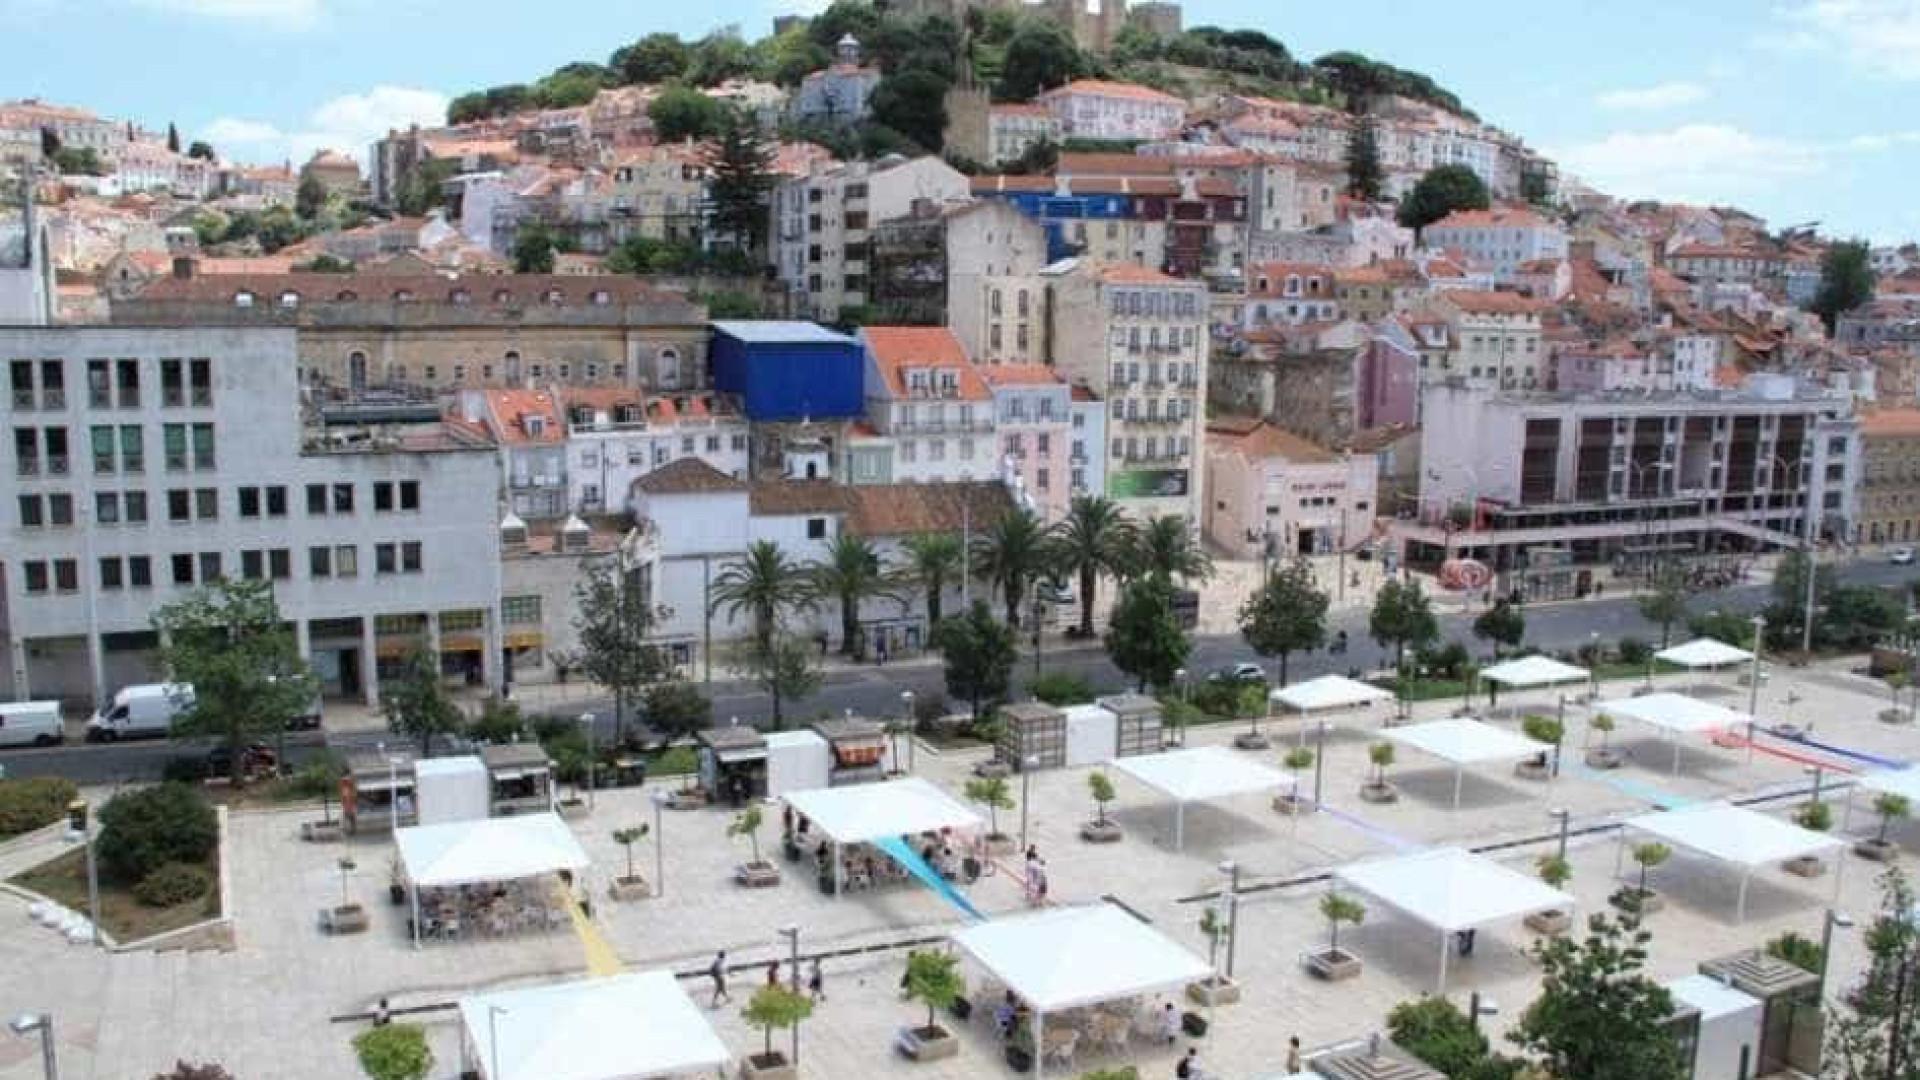 Câmara estuda Martim Moniz como centro para transportes turísticos